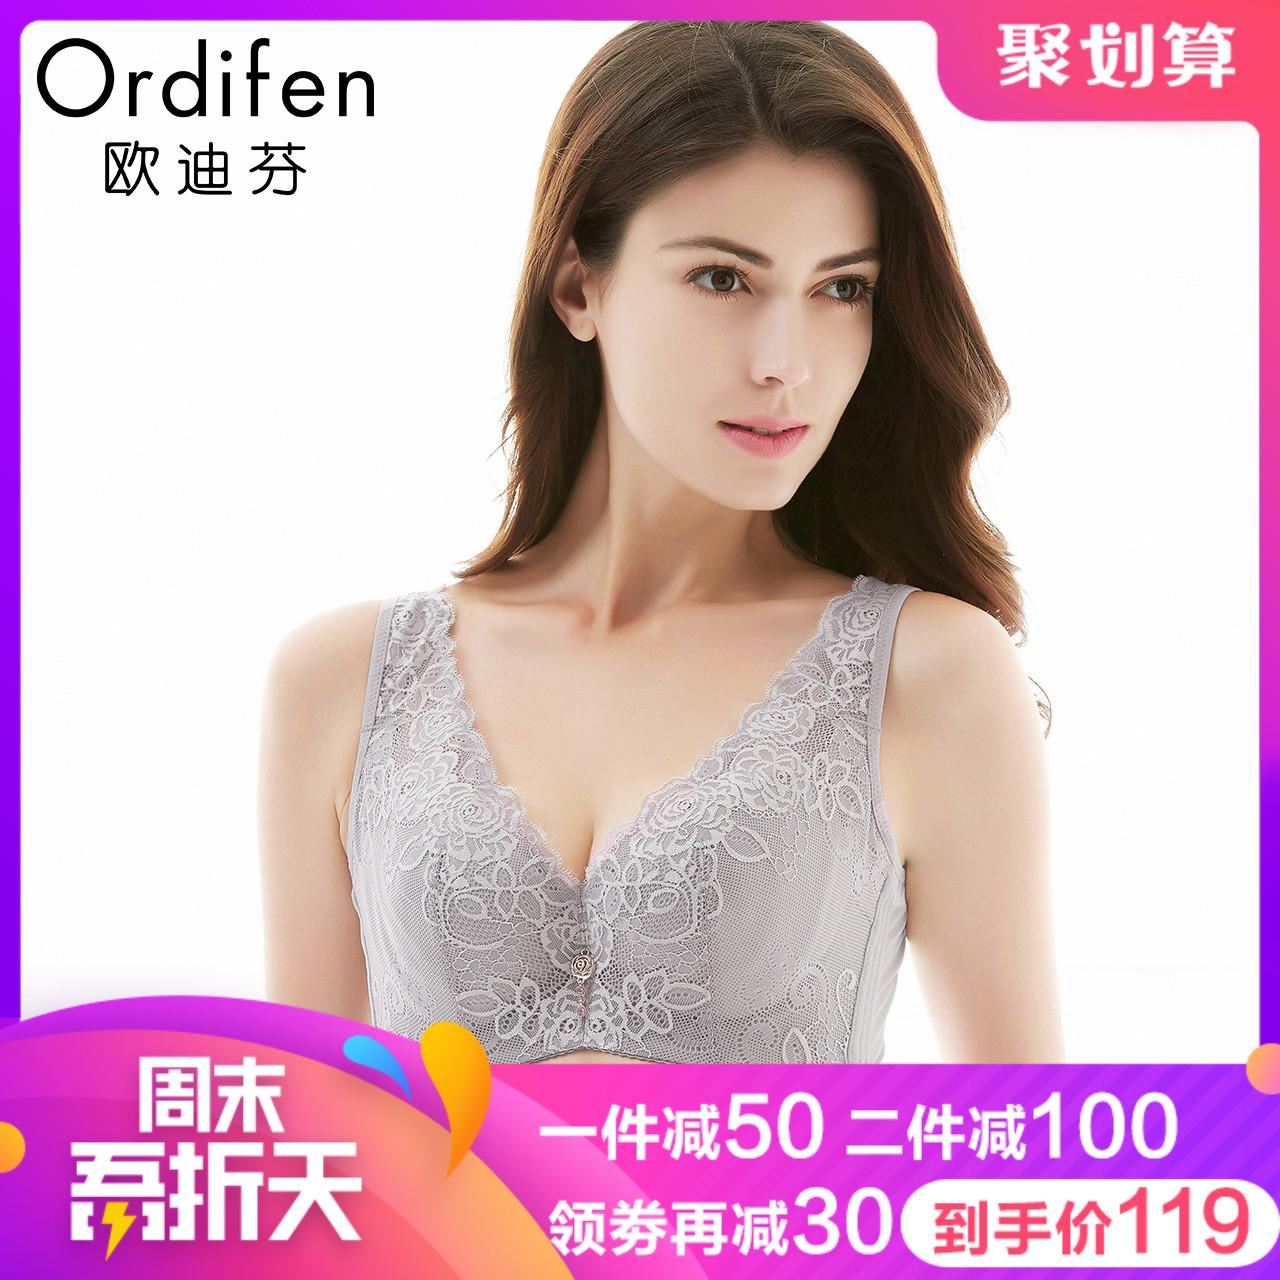 欧迪芬大码性感蕾丝内衣女调整型胸罩聚拢美背文胸衣收副乳XJ7305